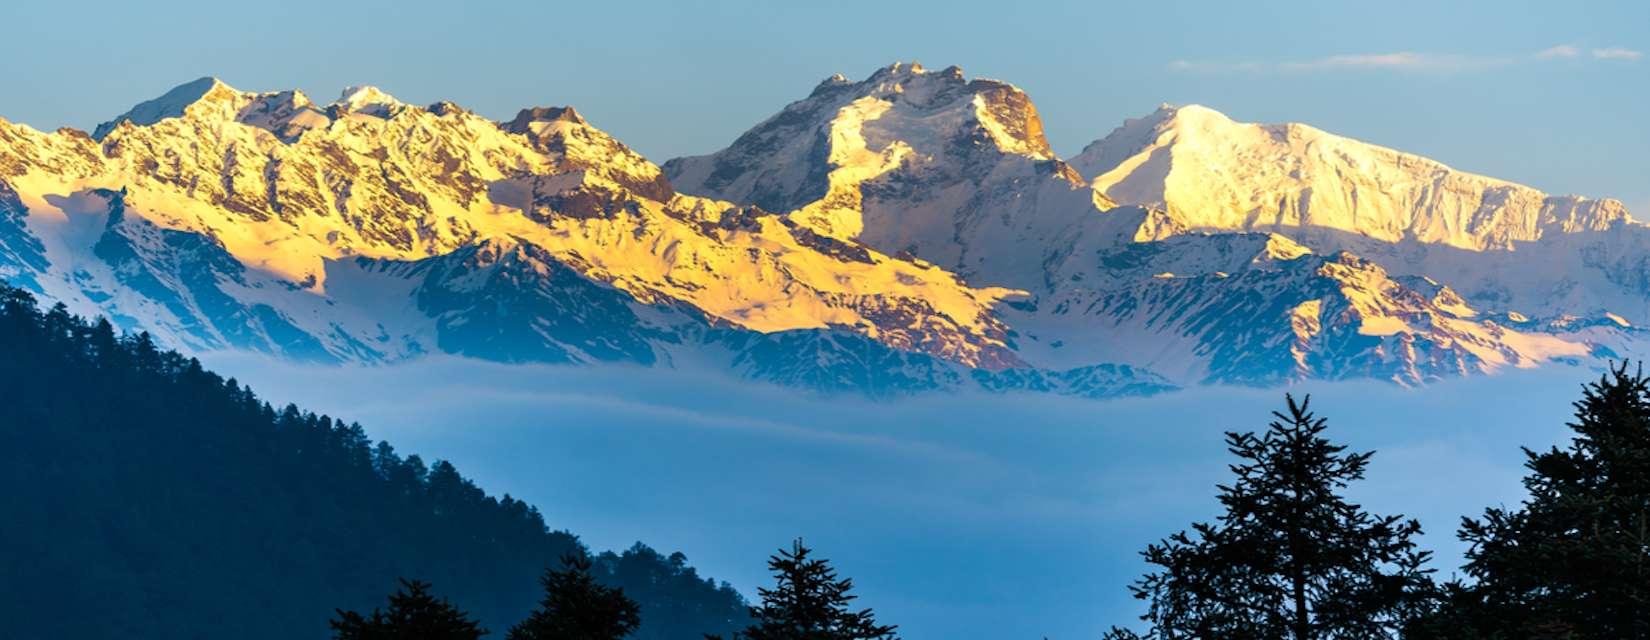 Ruby Valley Ganesh Himal Trek